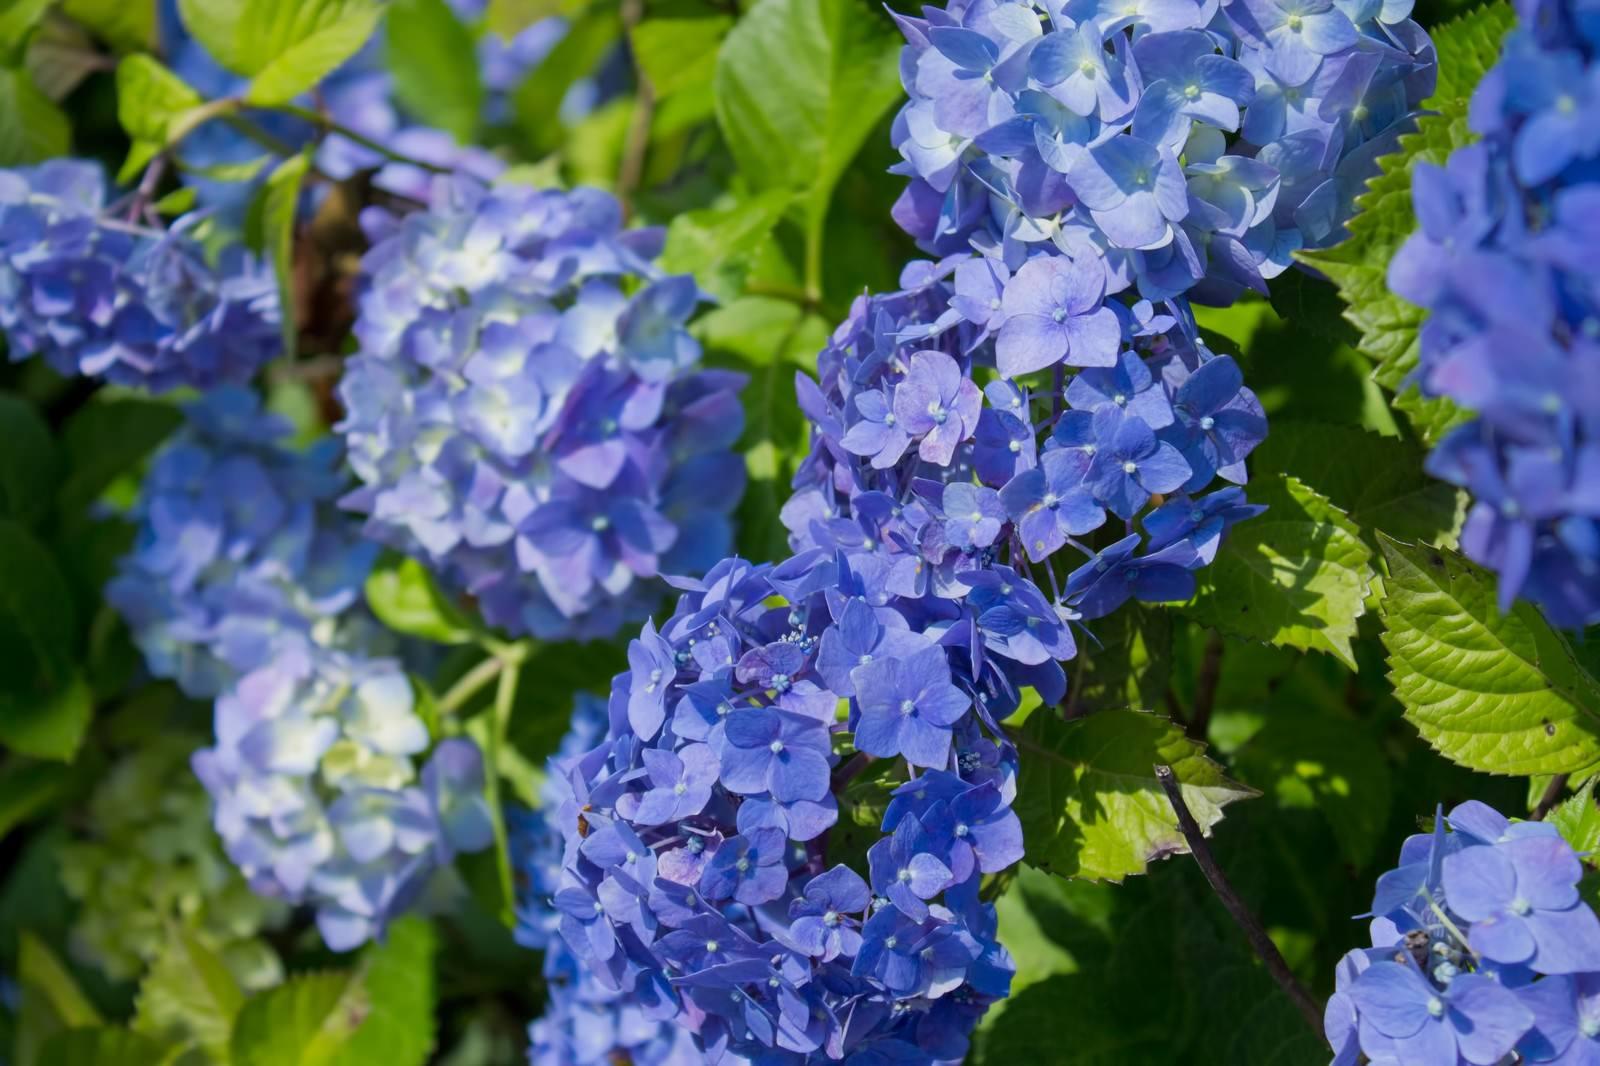 「青い紫陽花青い紫陽花」のフリー写真素材を拡大